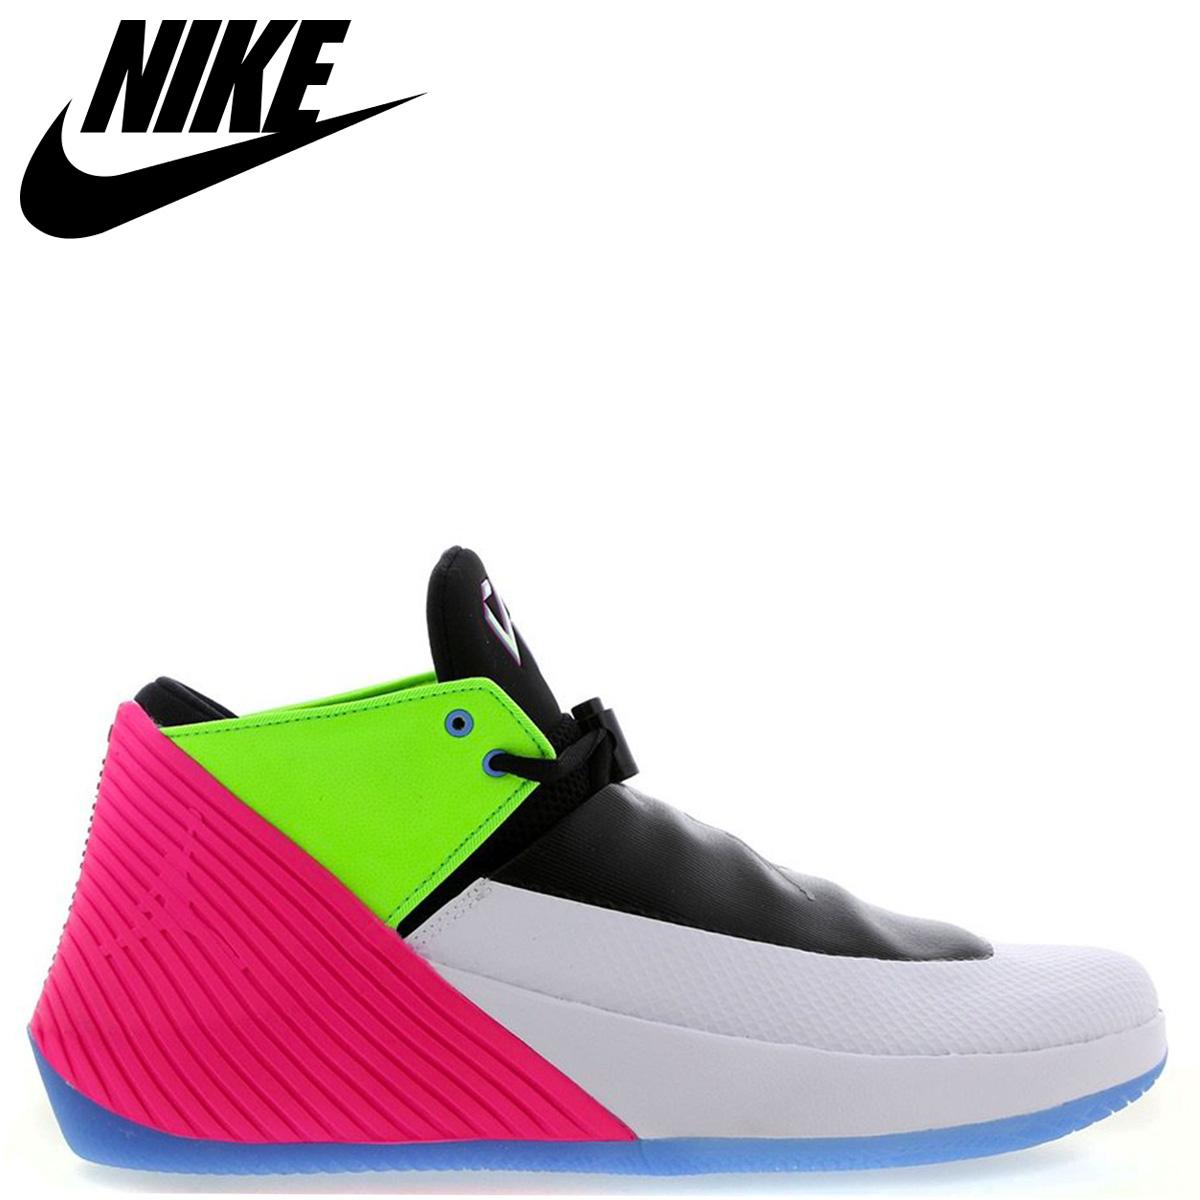 944916fd559 Nike NIKE Jordan sneakers men JORDAN WHY NOT ZERO.1 LOW QUAI 54 white AT9190